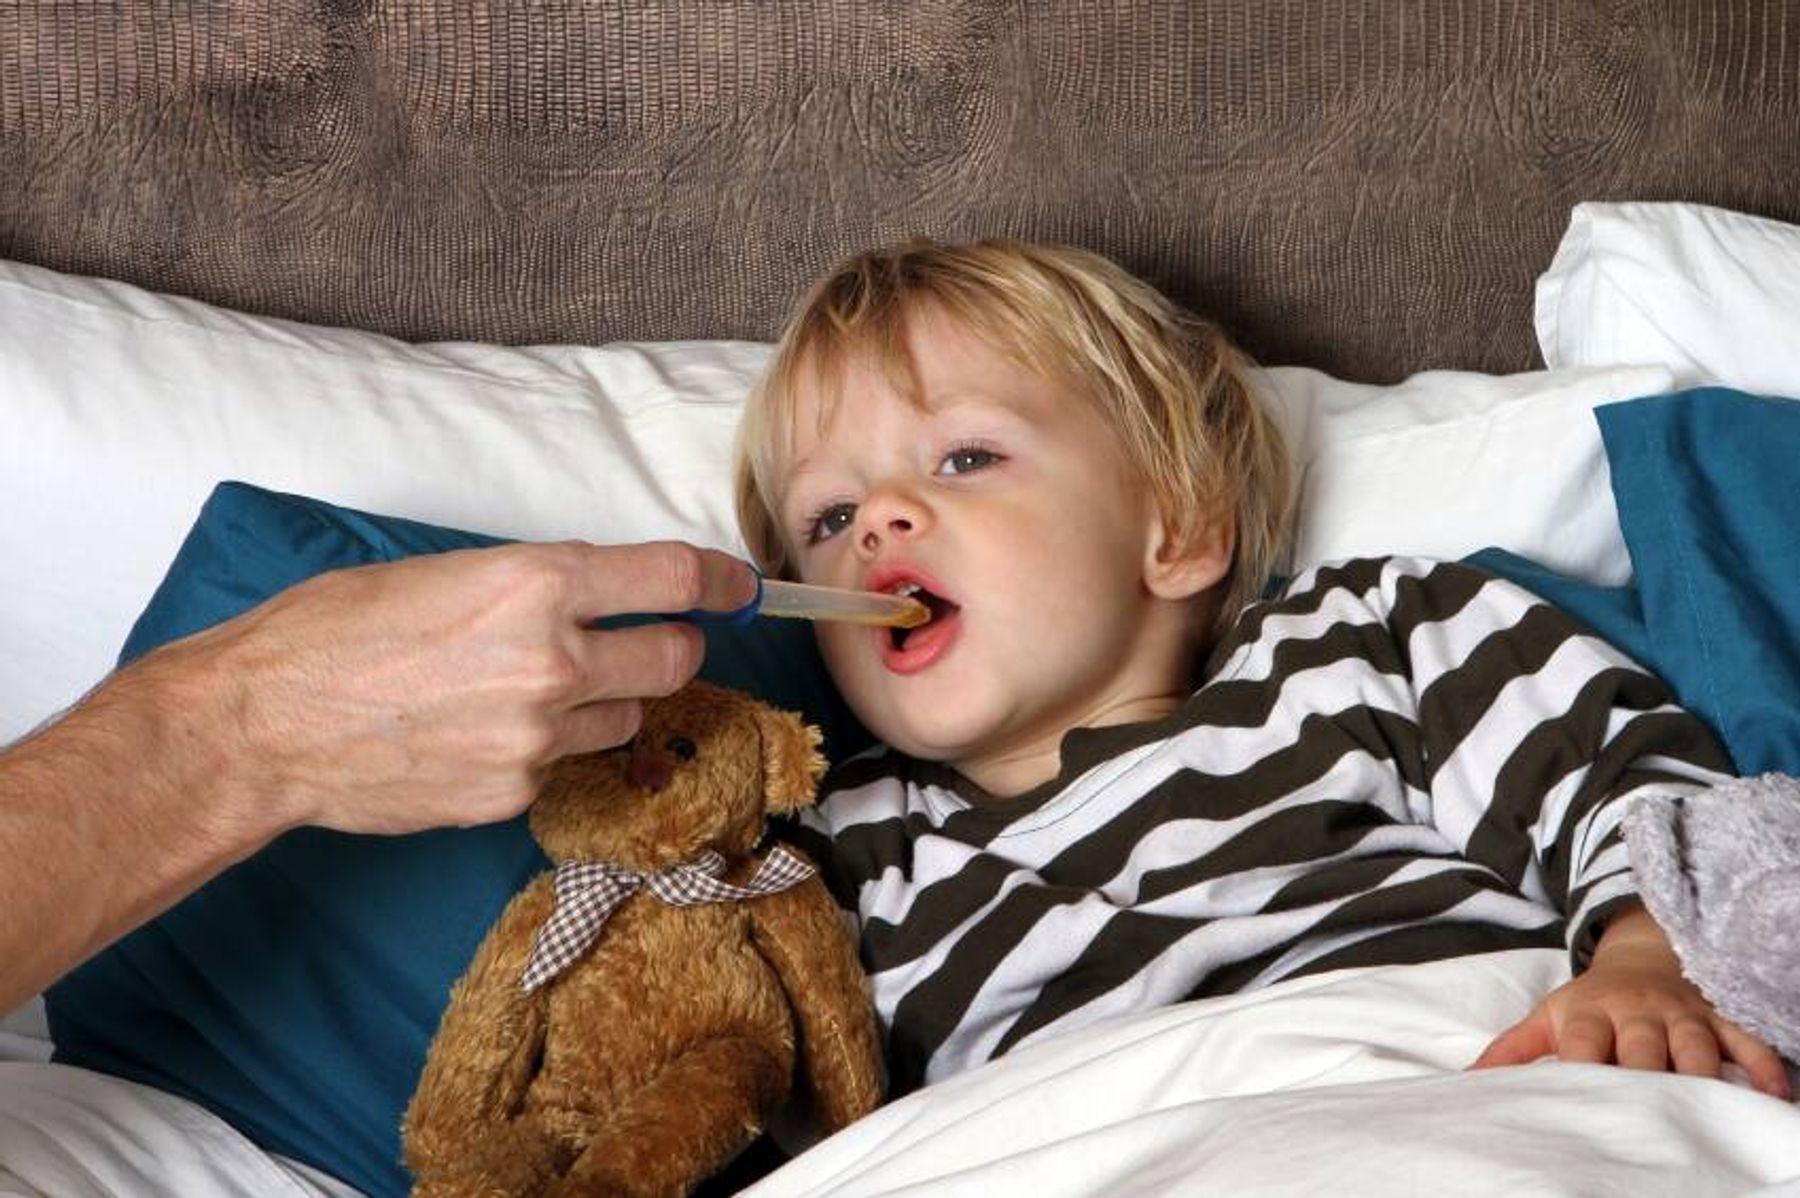 Đo nhiệt độ ở miệng cho trẻ 4 tuổi